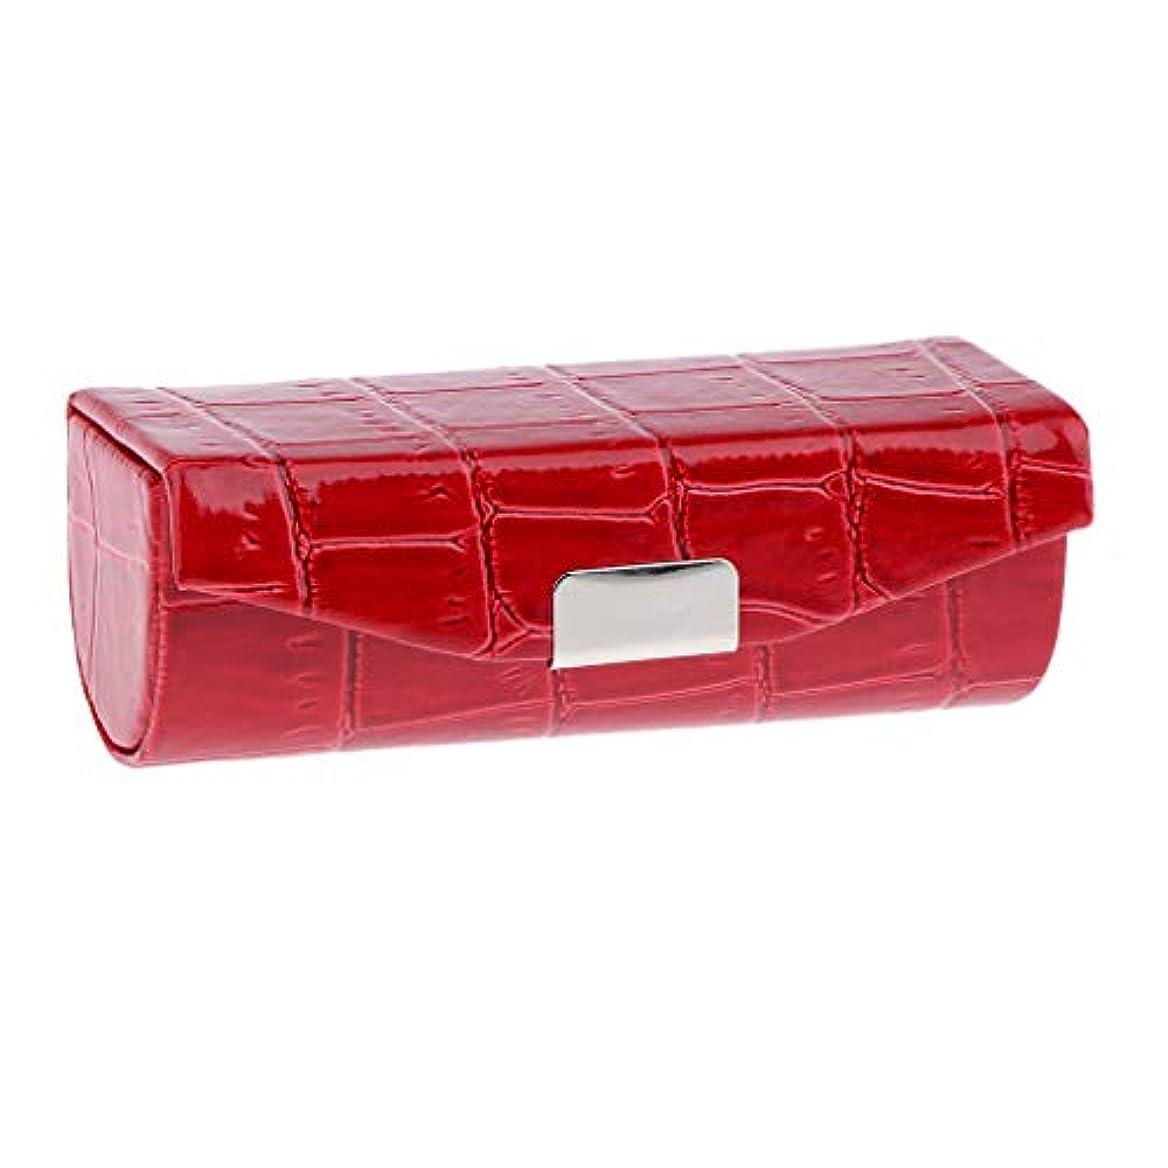 ブリーフケース酸度人気Sharplace 口紅ケース 小物収納ケース プレゼント ミラー付き 多色選べ - 赤